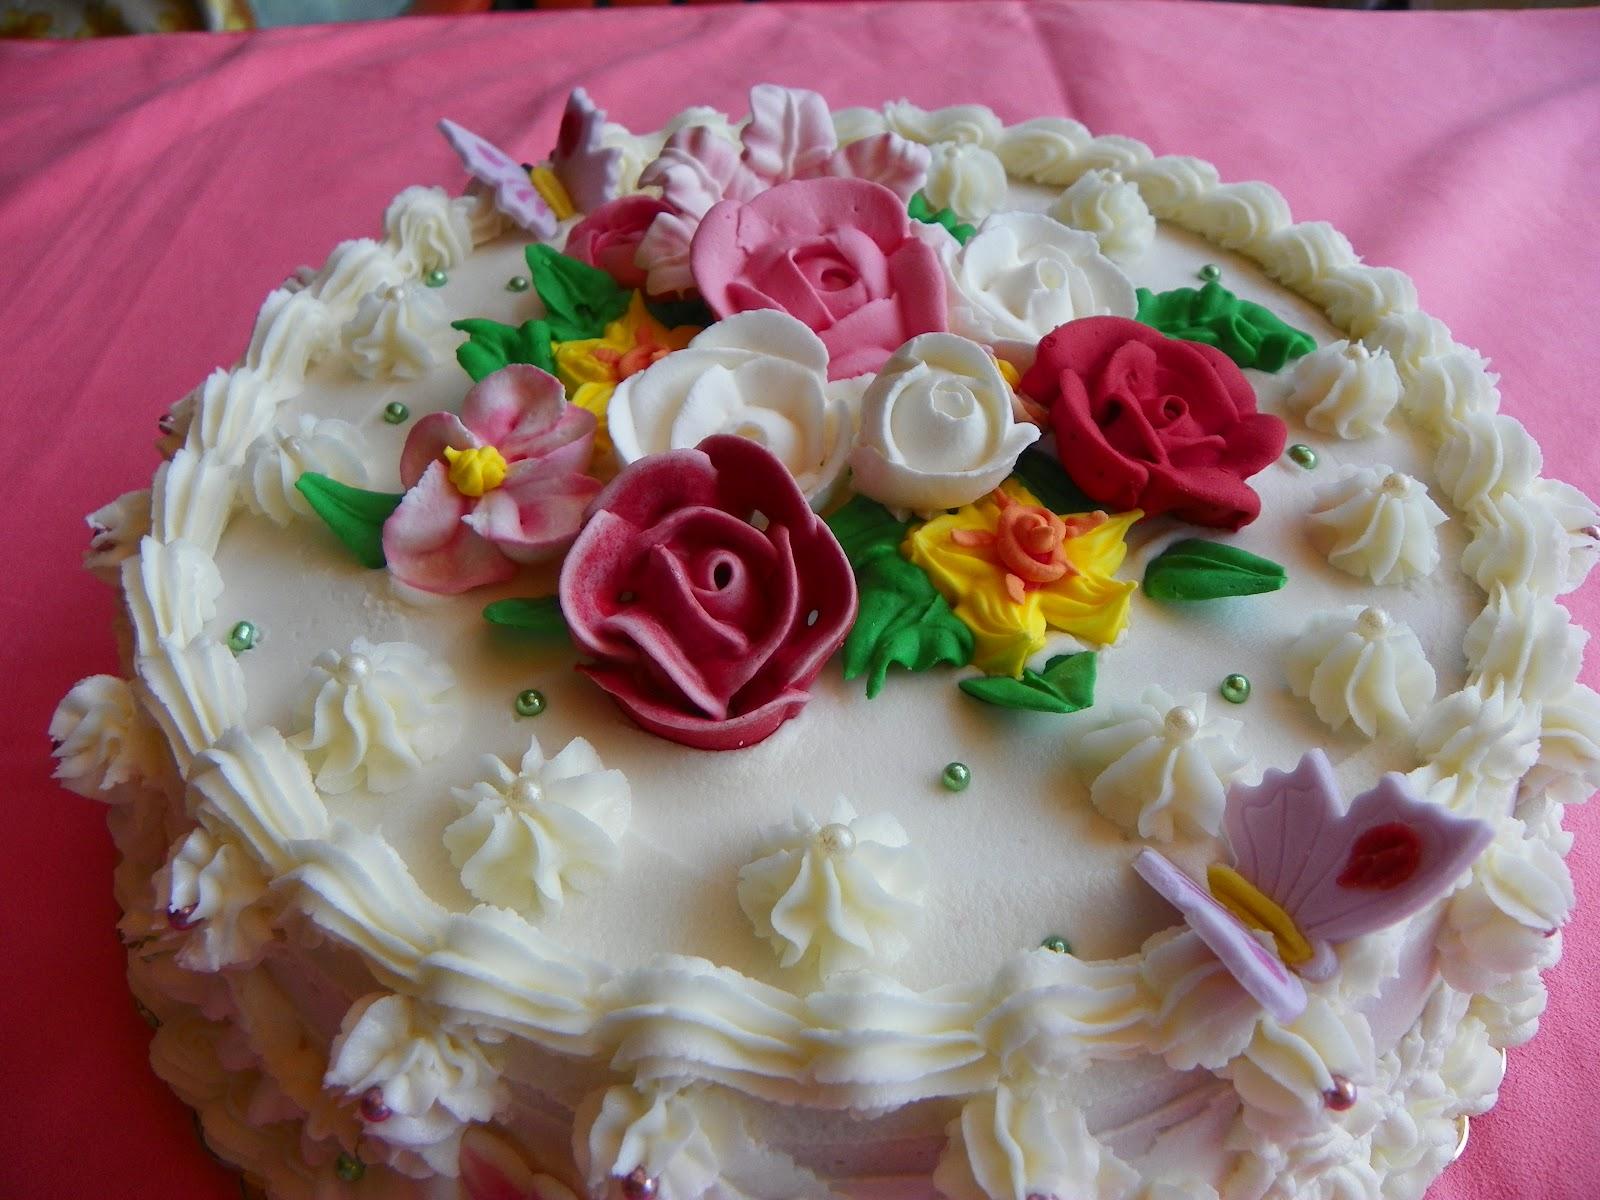 Le torte di rosalba torta fiori di glassa for Decorazione torte con wafer